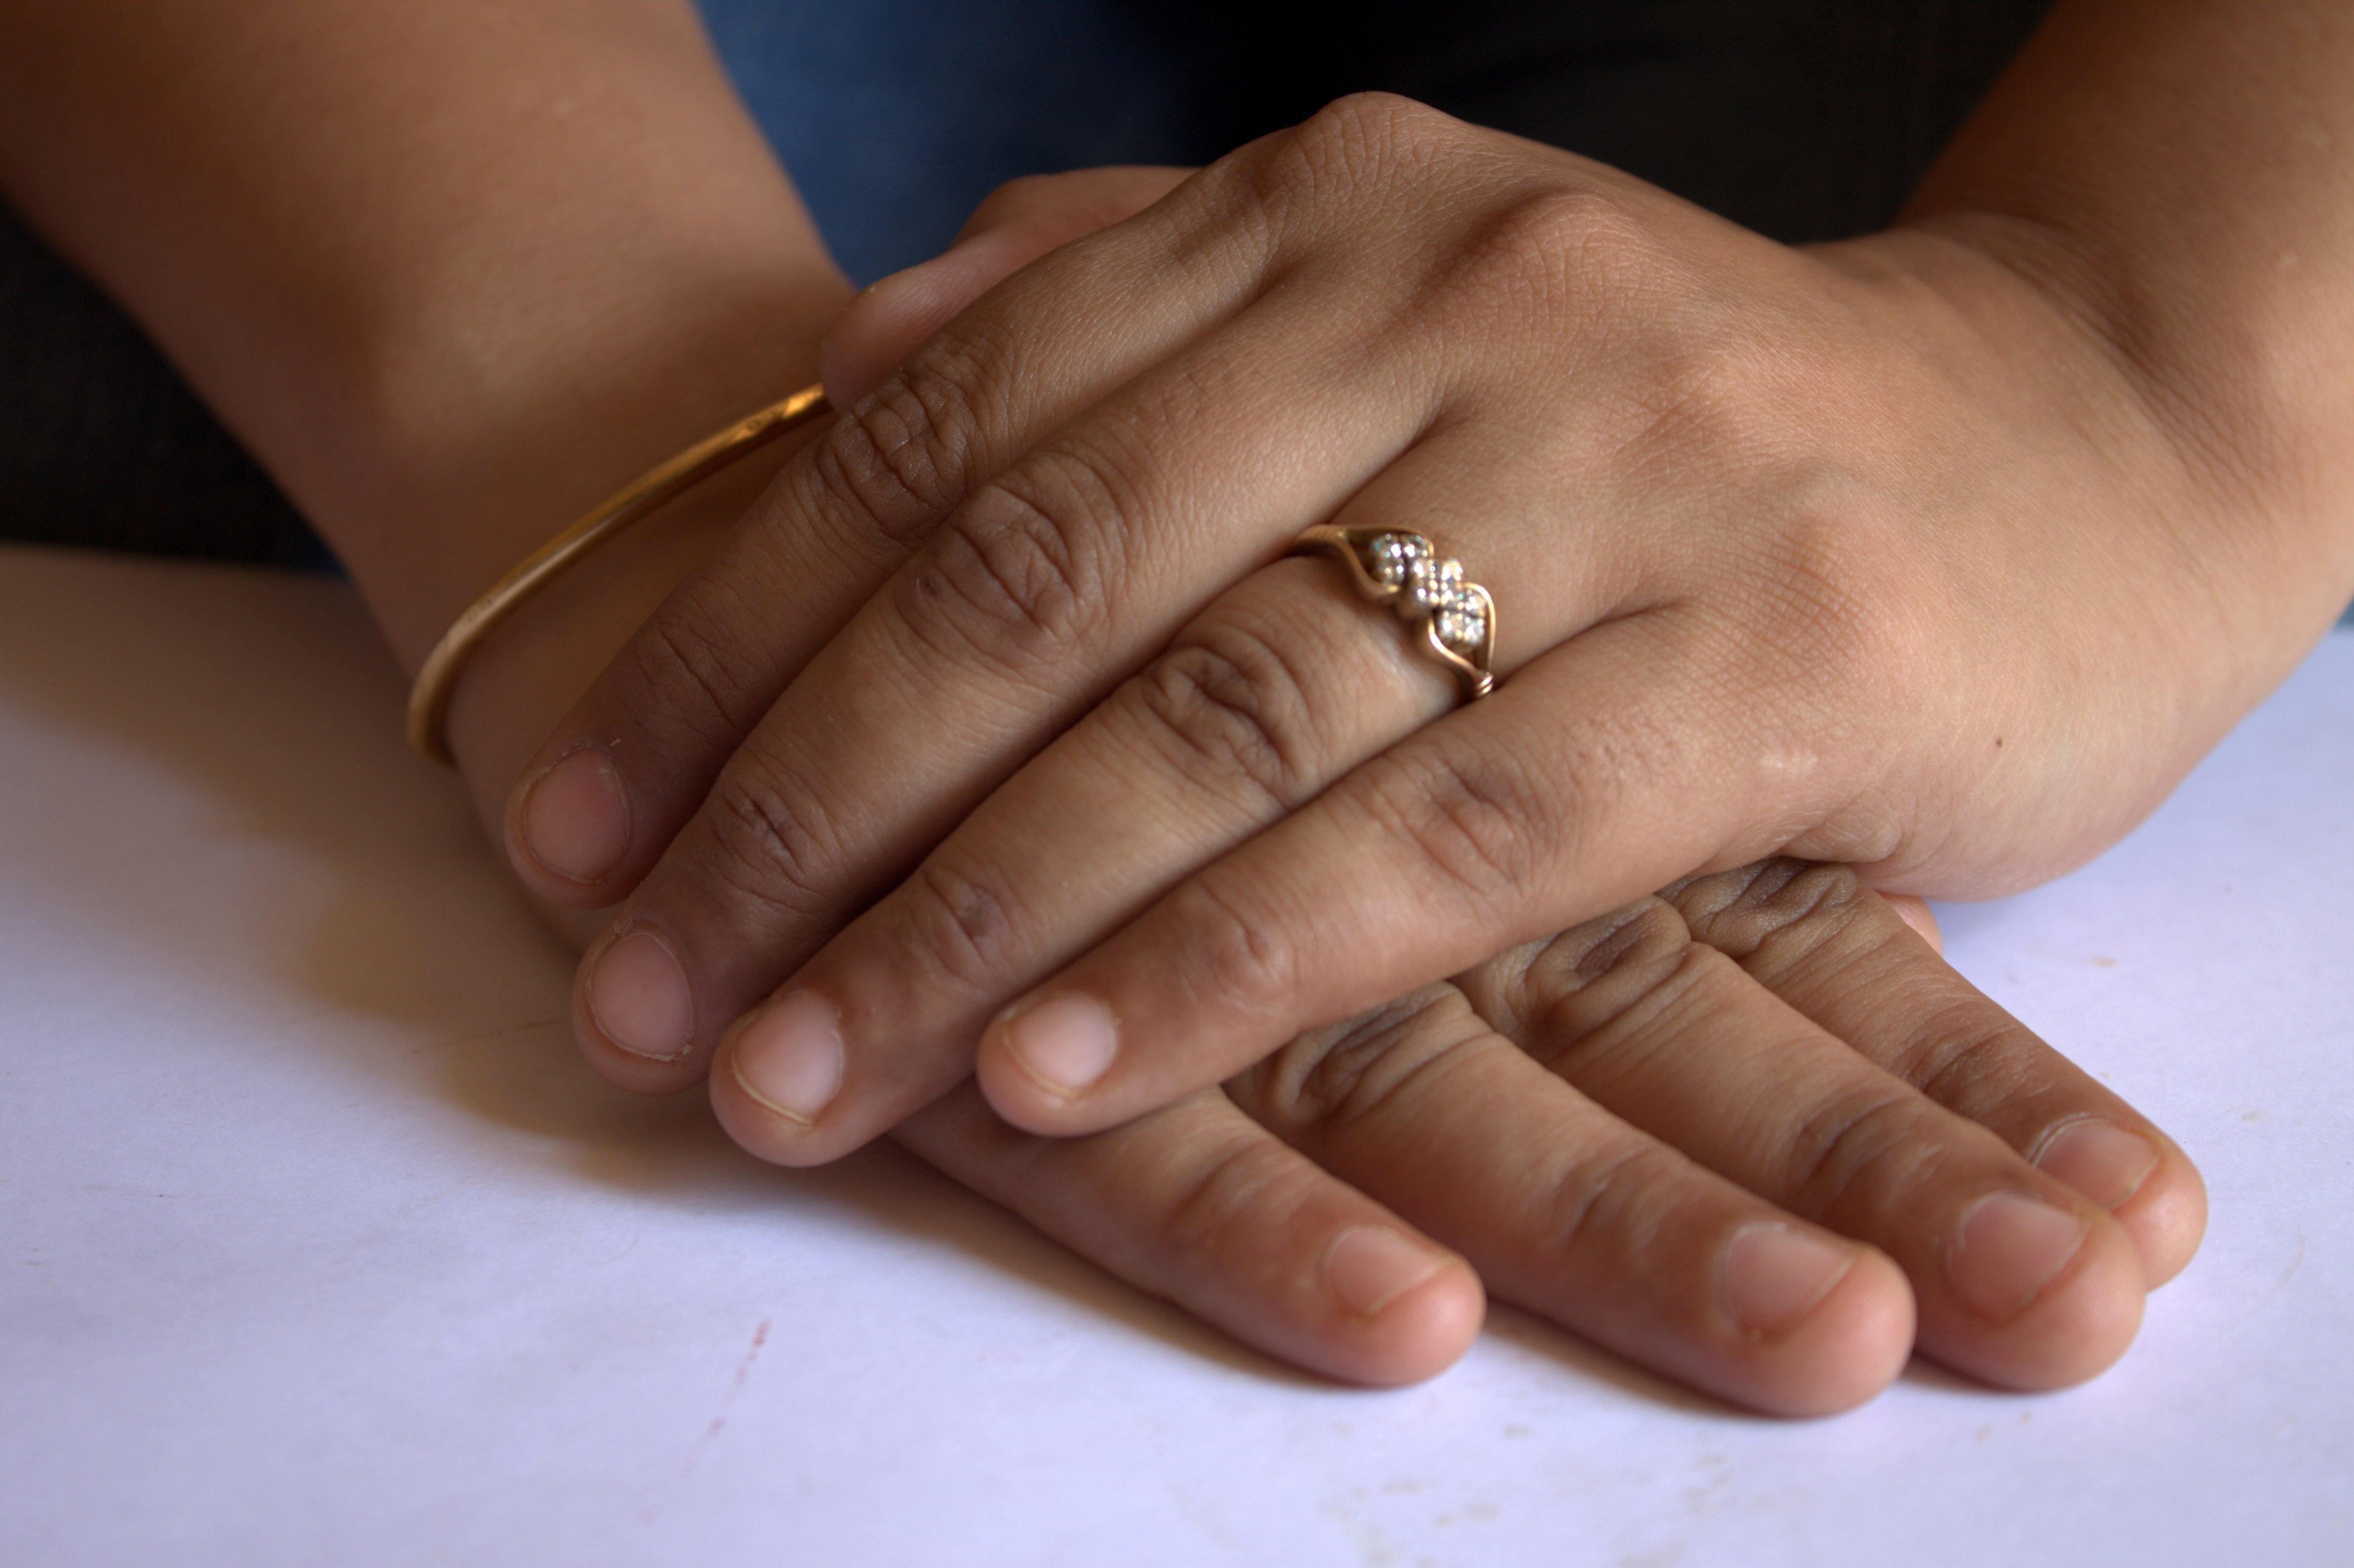 Souvent Images Gratuites : femme, jambe, amour, doigt, romance, bras  AQ99